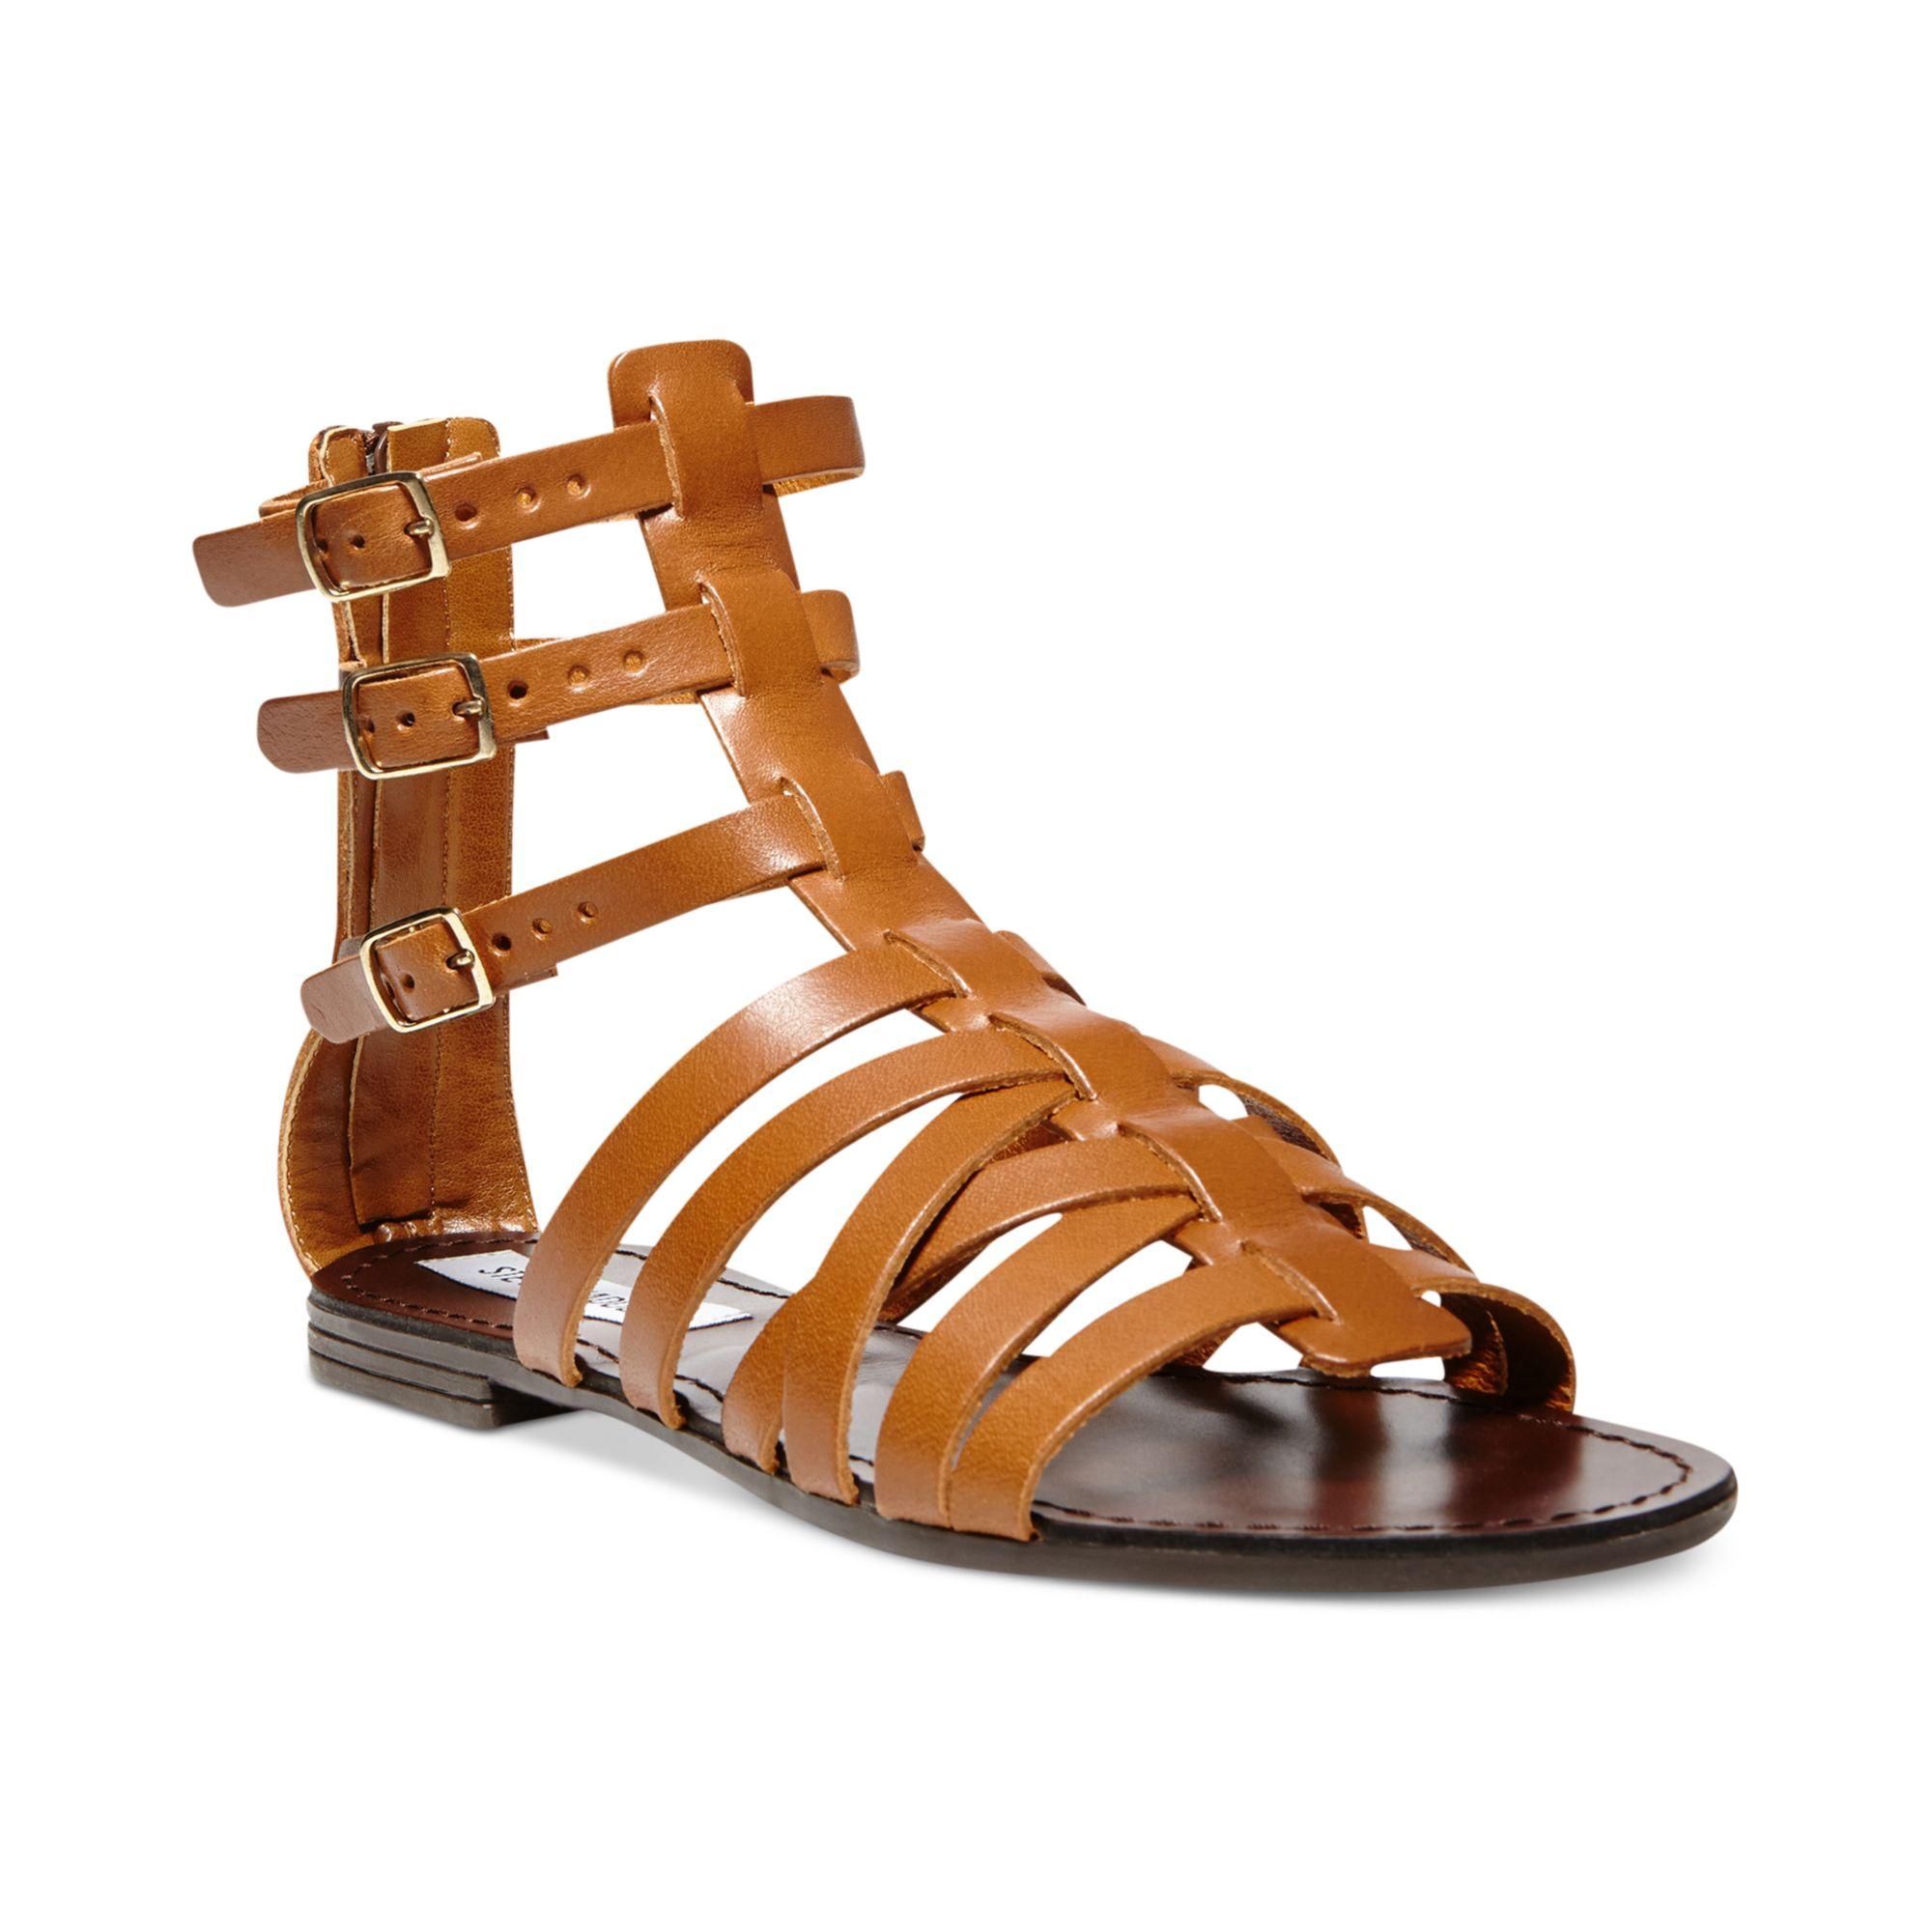 steve madden plato flat gladiator sandals in brown cognac lyst. Black Bedroom Furniture Sets. Home Design Ideas